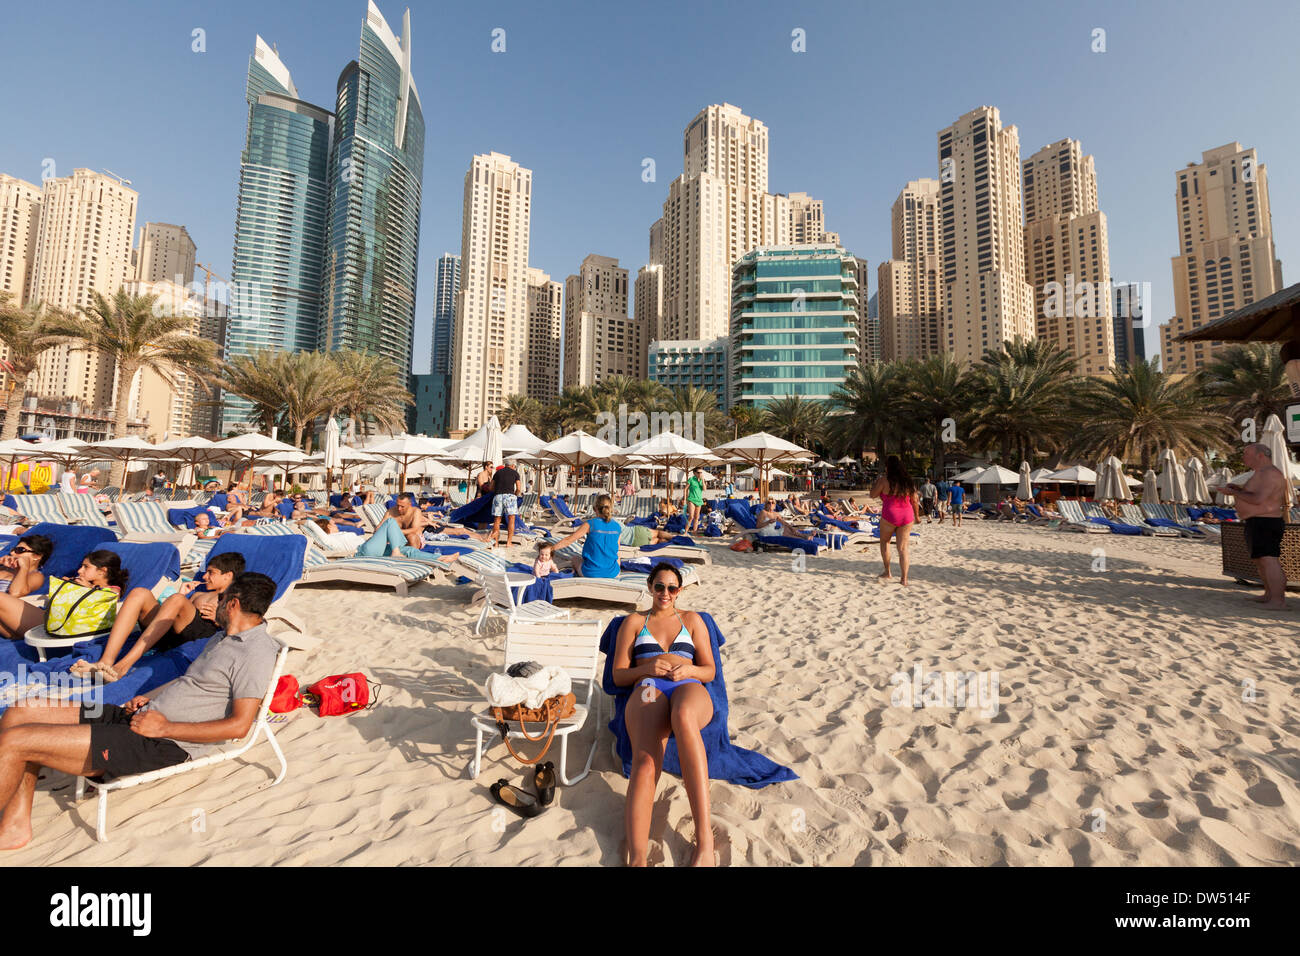 Beach Resorts In Dubai Cheap